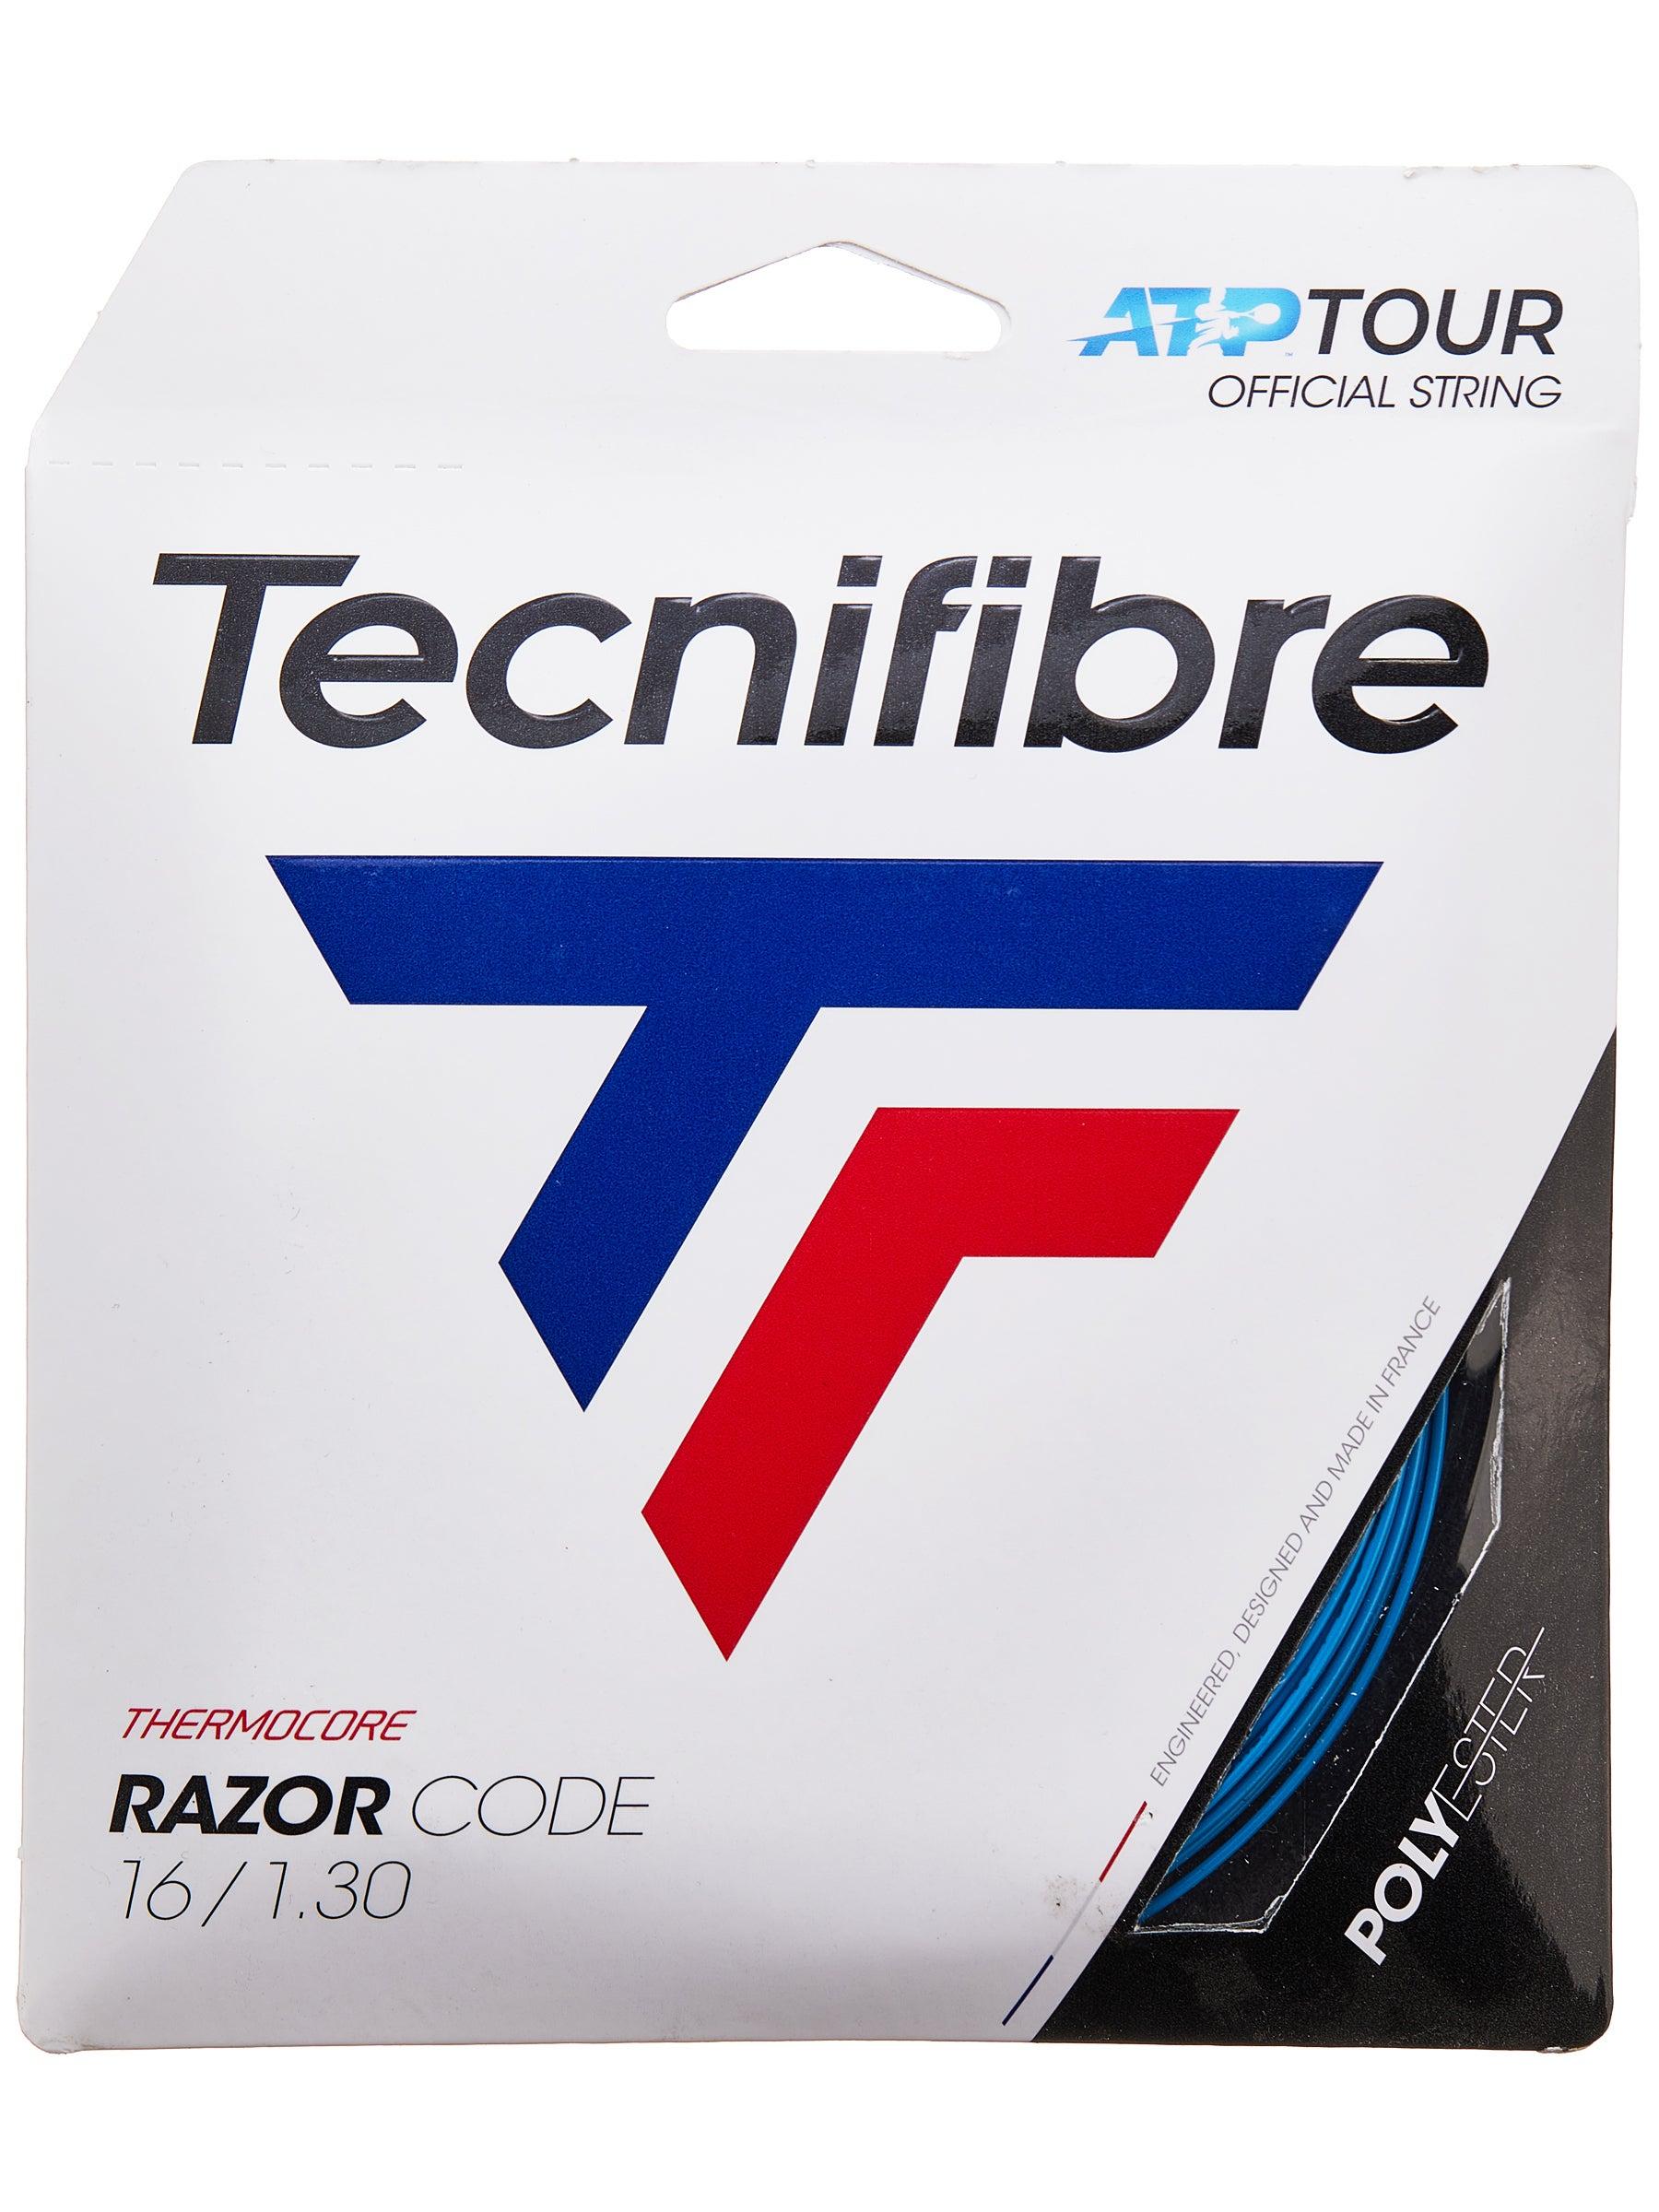 Tecnifibre ATP Razor Code 17 String Blue